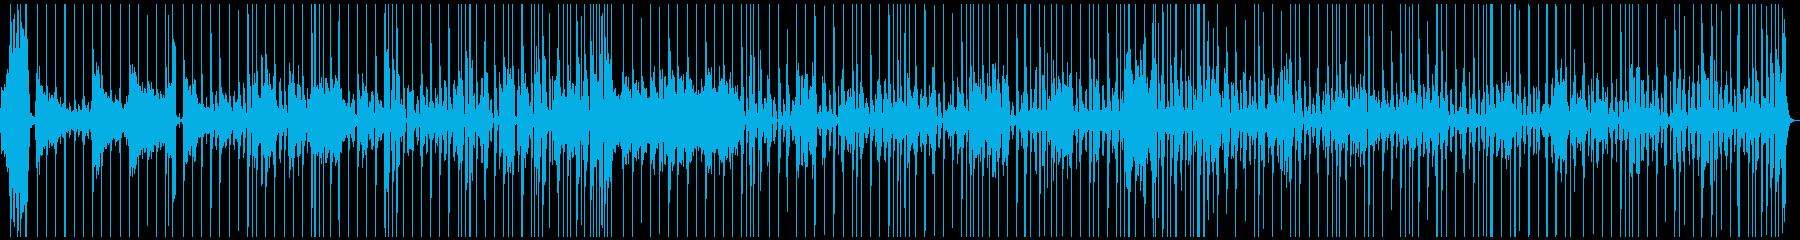 サラサラ ジャズ フュージョン R...の再生済みの波形